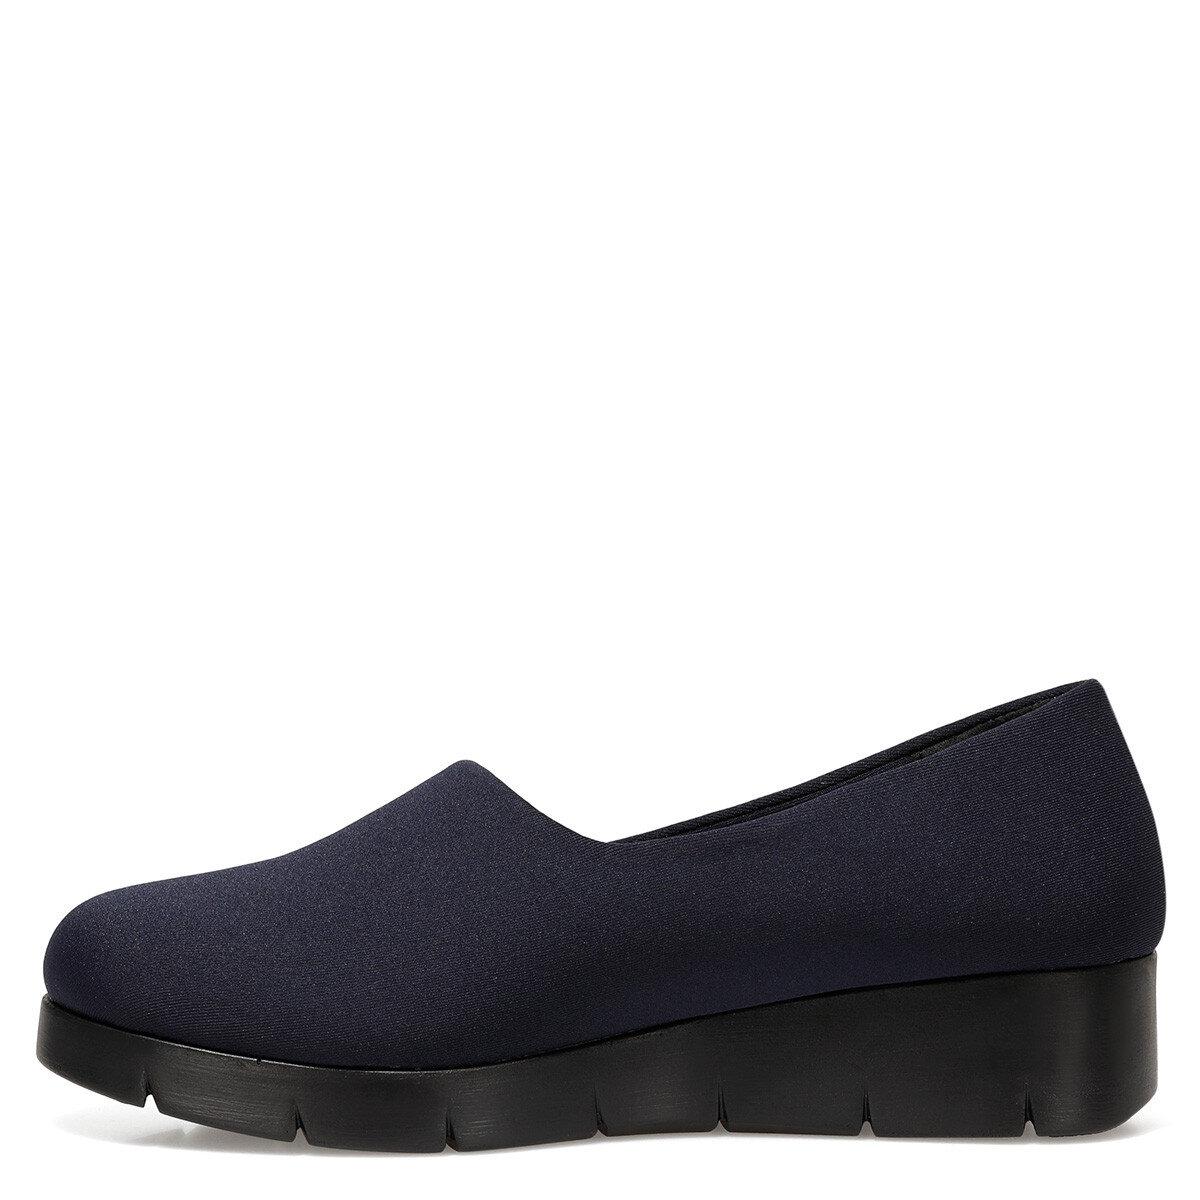 FALAW Lacivert Kadın Dolgu Topuk Ayakkabı